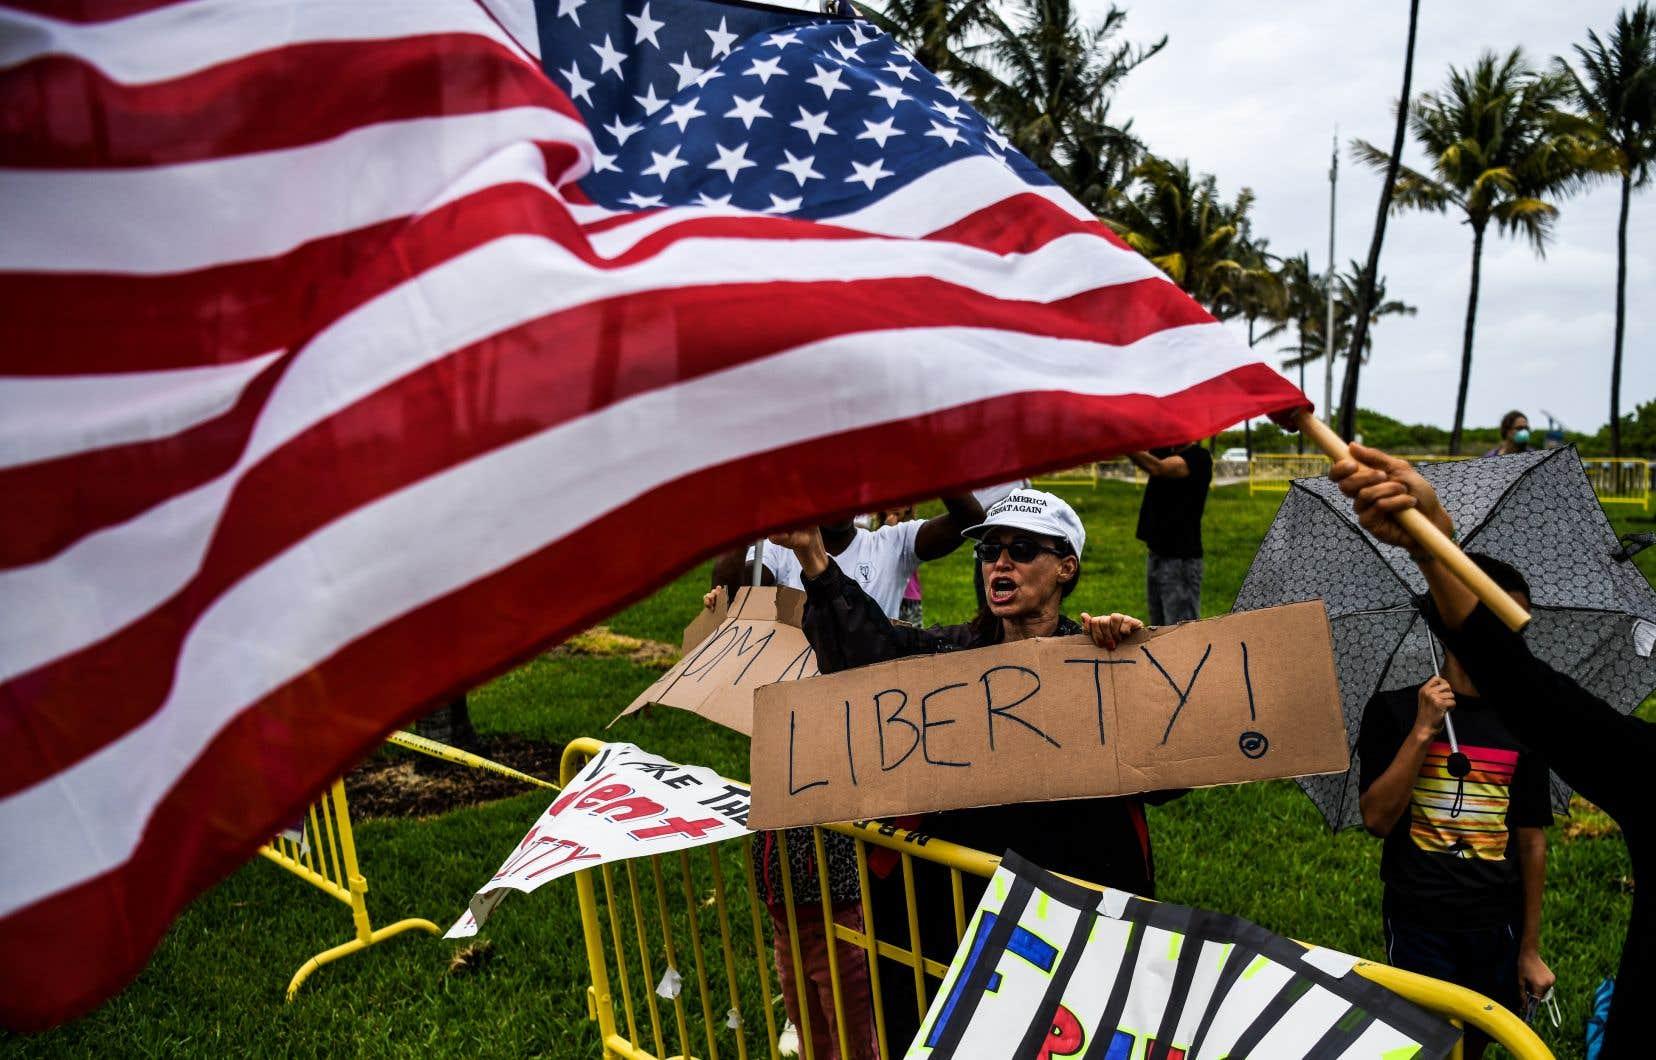 Des Floridiens participaient à un «Freedom Rally», une manifestation anti-confinement, dimanche dernier. Des mouvements en opposition aux mesures d'urgence mises en place pour contrer la pandémie ne cessent de gagner en vigueur aux États-Unis.